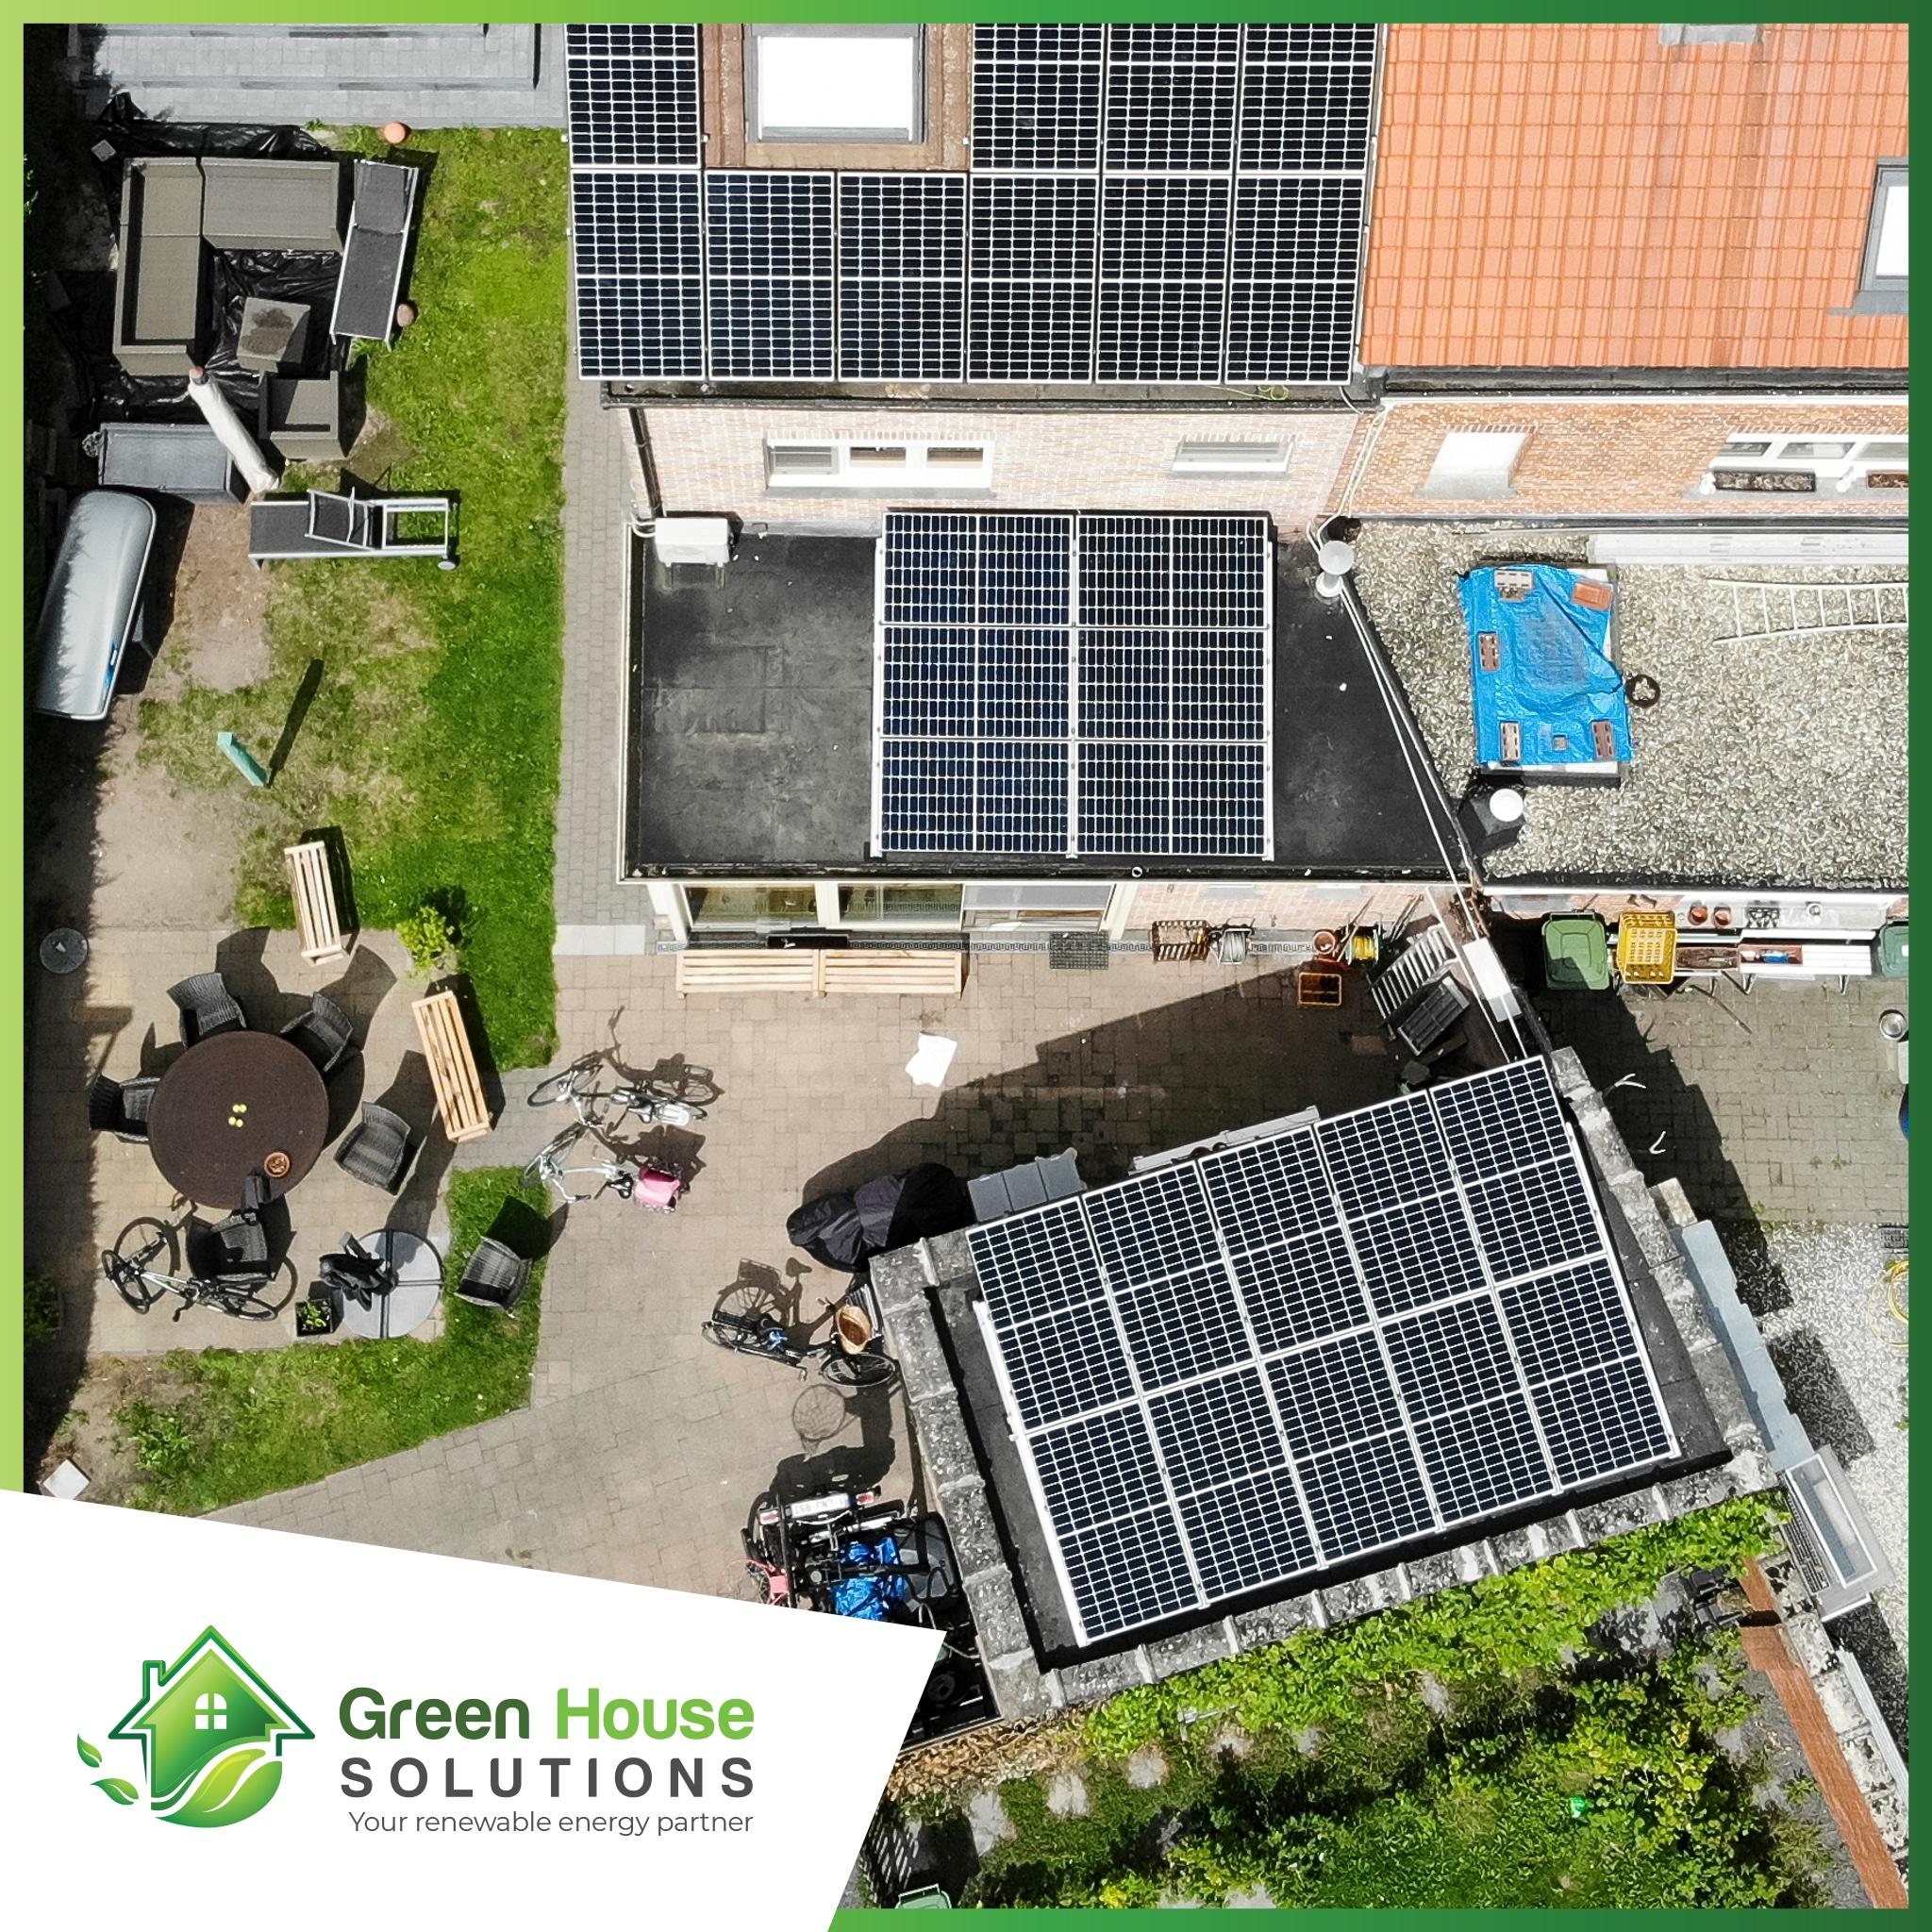 Green House Solutions zonnepanelen plaatsen installeren of kopen 00019